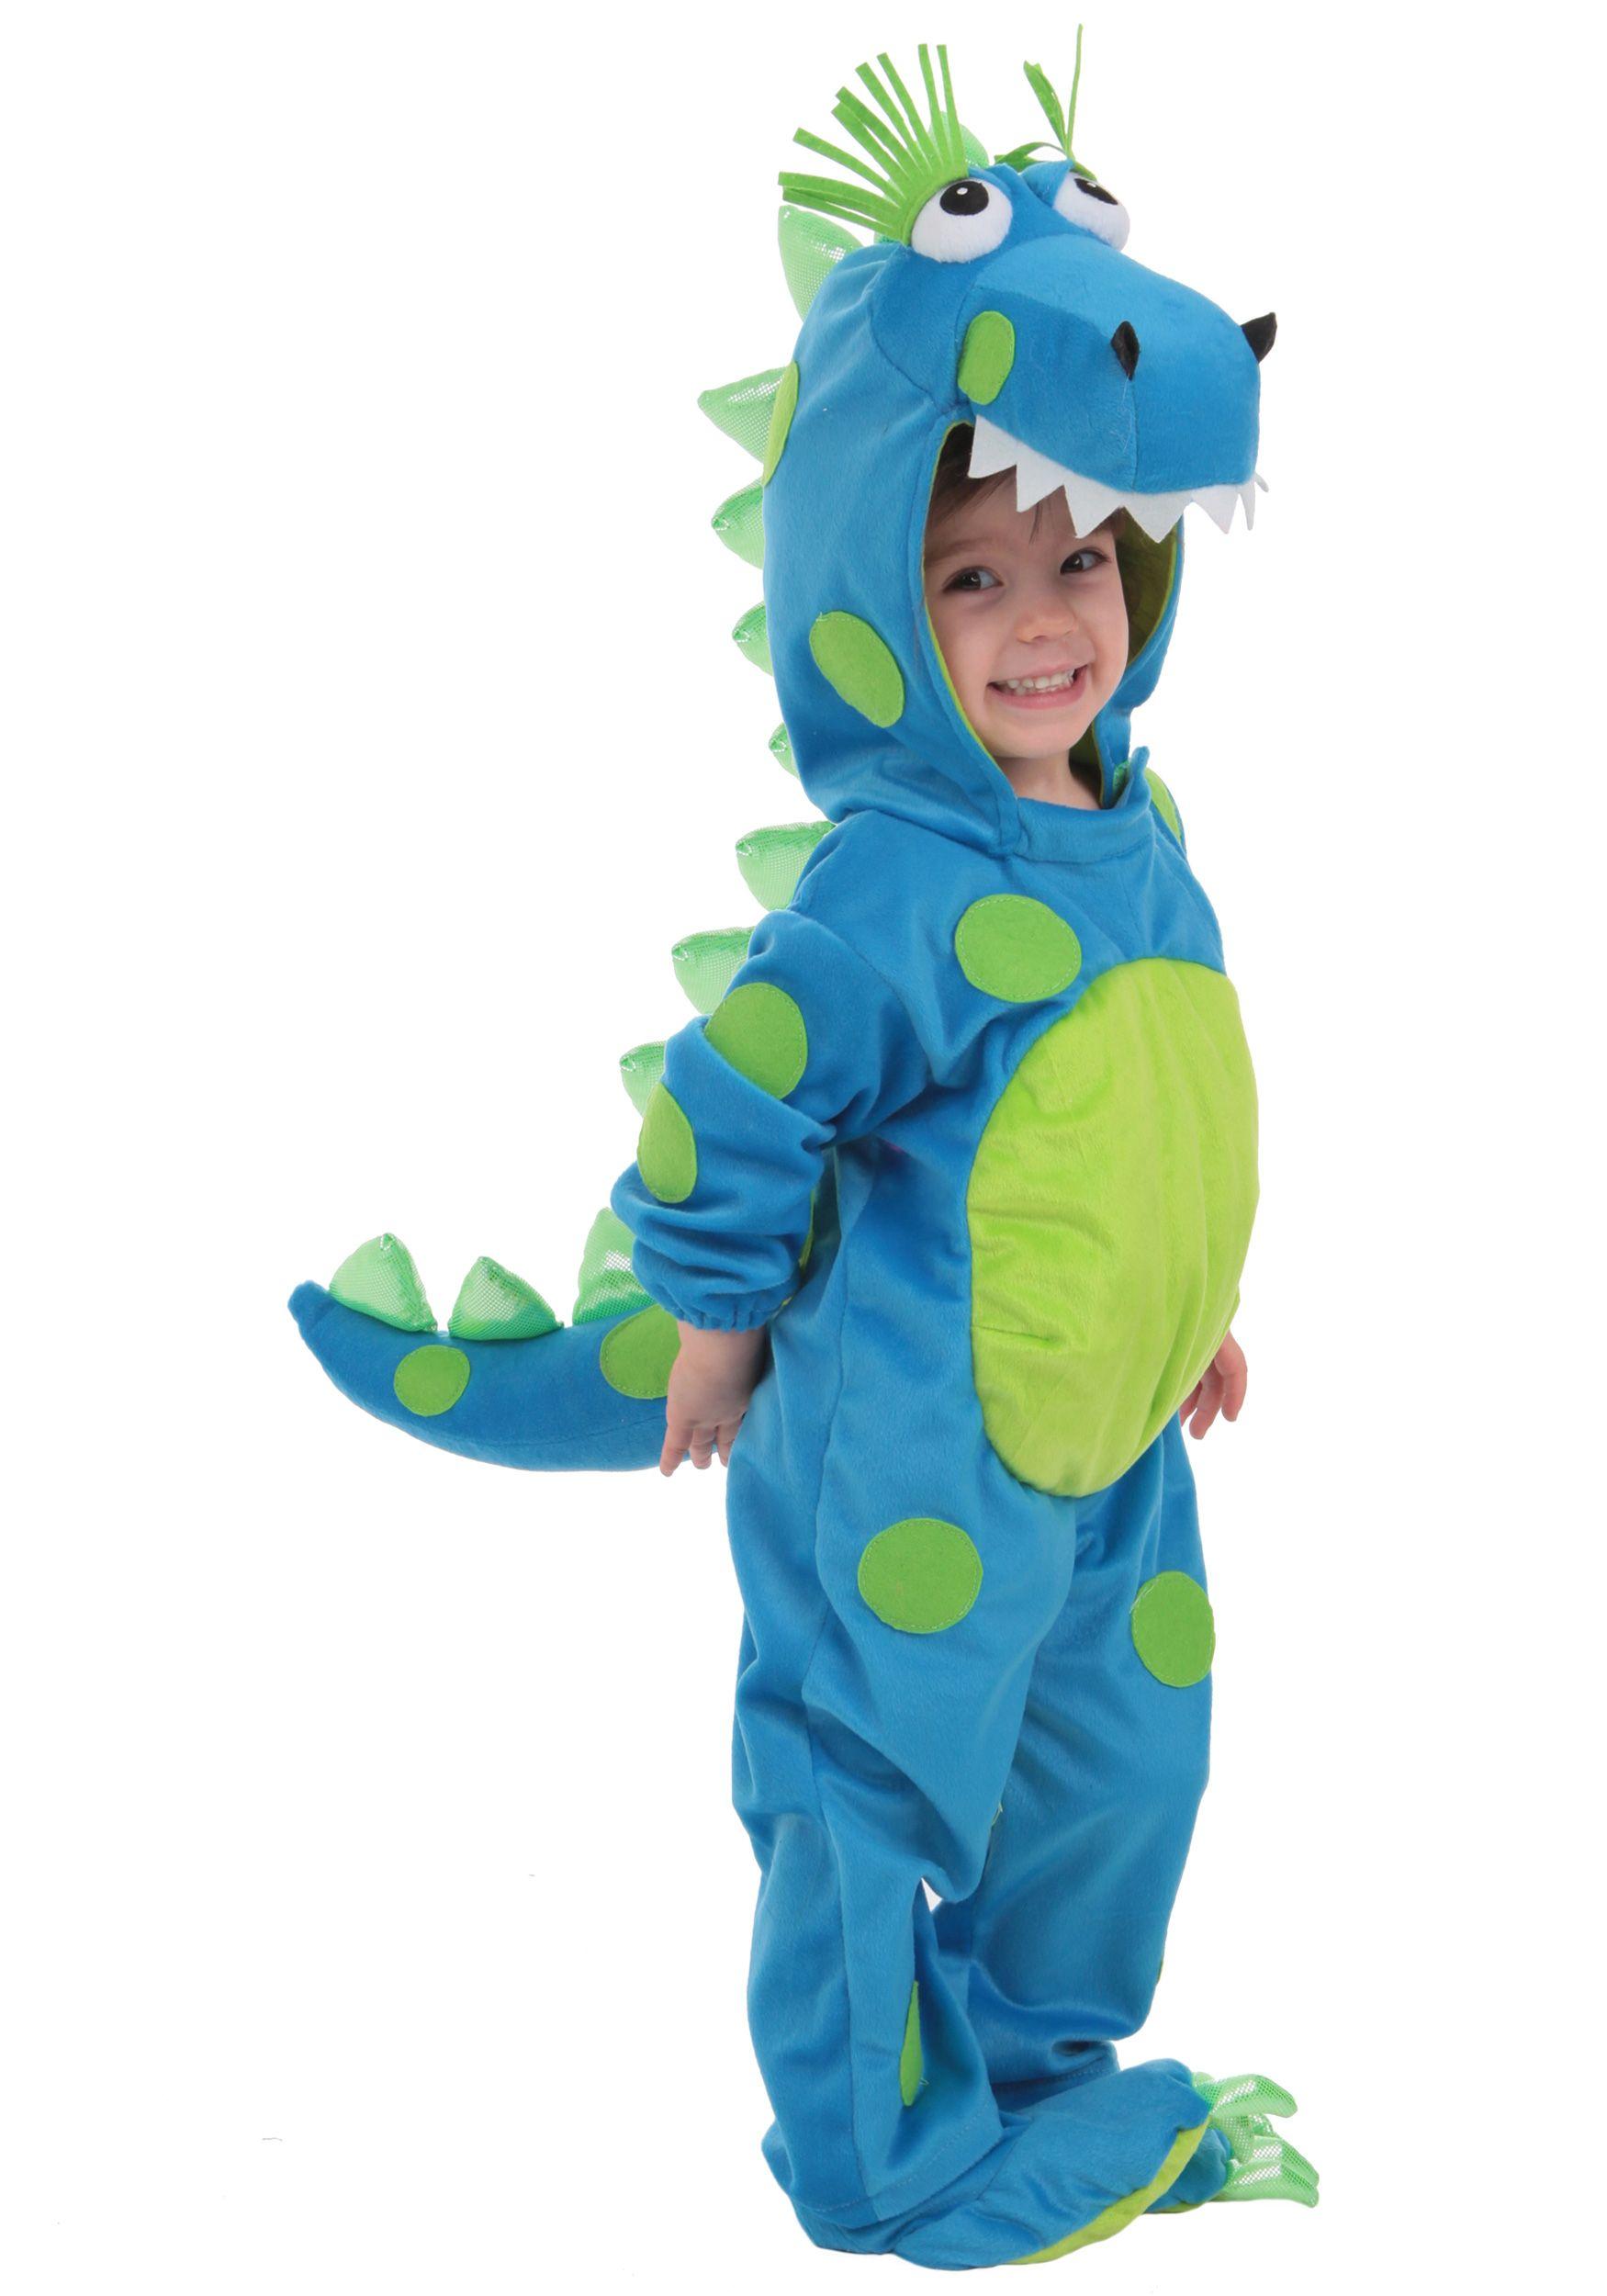 Toddler Everett The Dragon Costume Kids Dinosaur Costume Kids Costumes Boys Dragon Costume